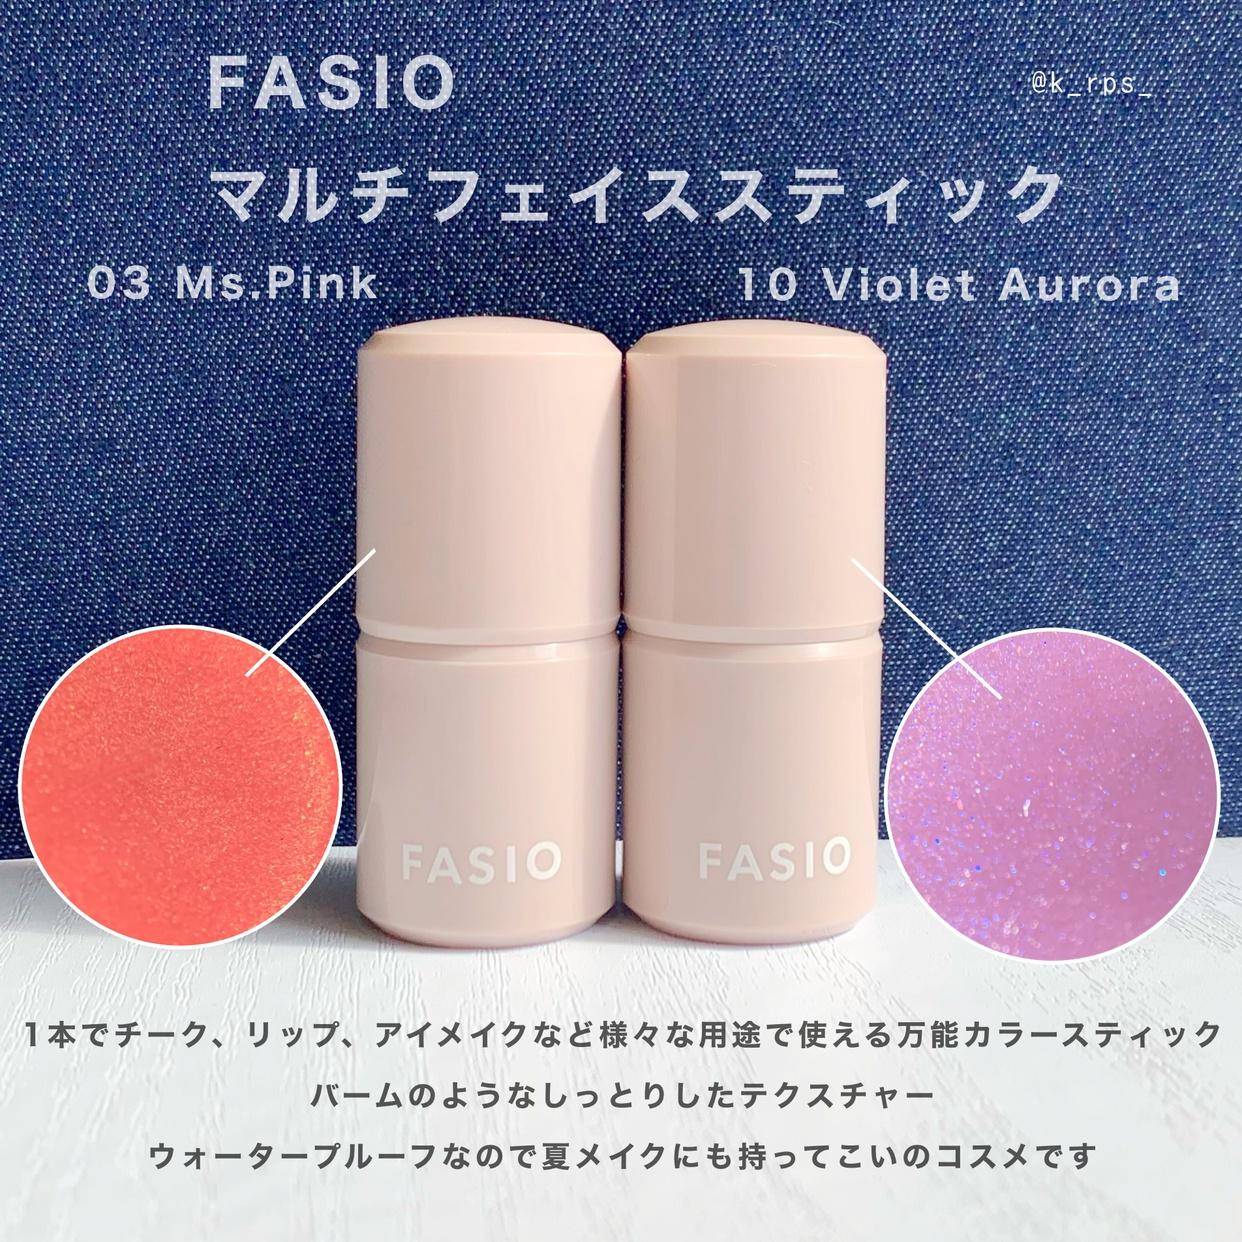 FASIO(ファシオ) マルチ フェイス スティックを使ったKeiさんのクチコミ画像2